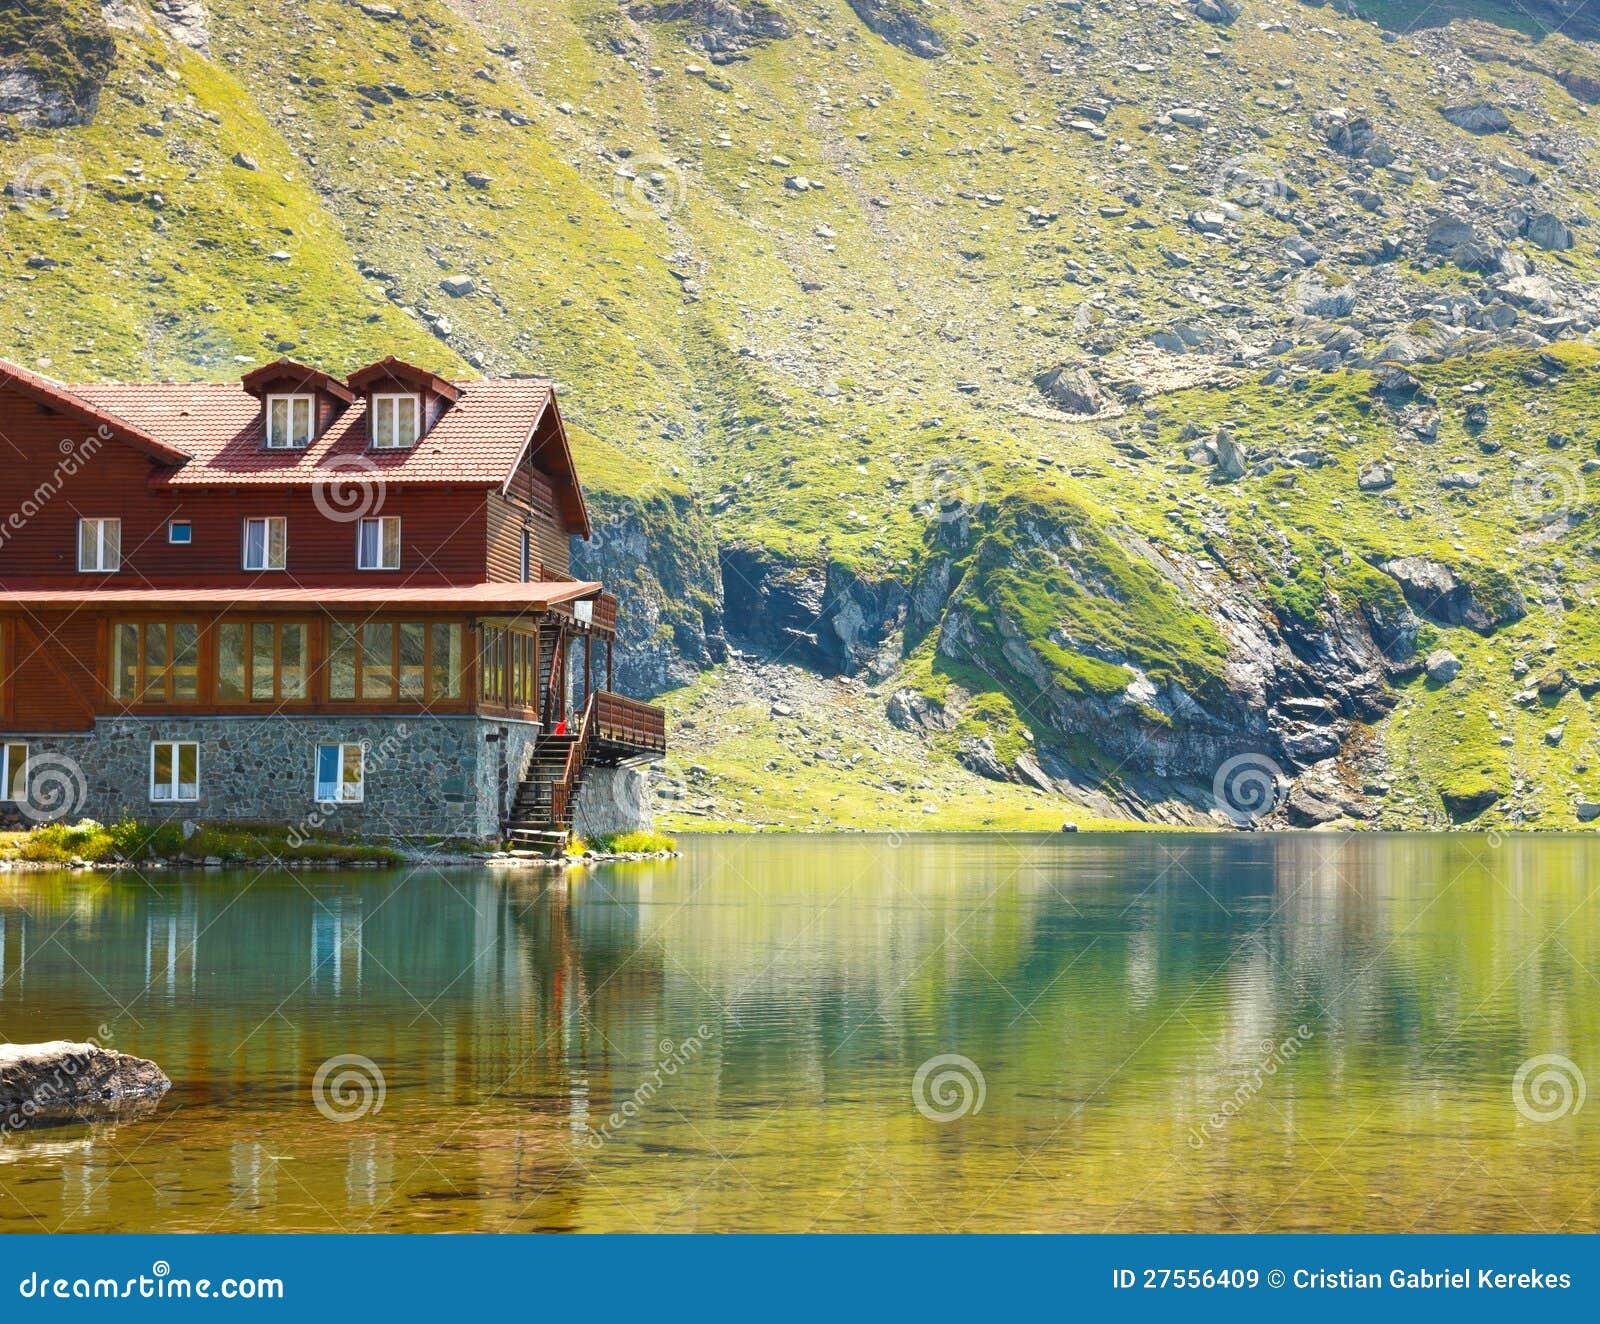 Casa di legno rossa sul lago del ghiacciaio immagini stock for Affitti cabina grande lago orso